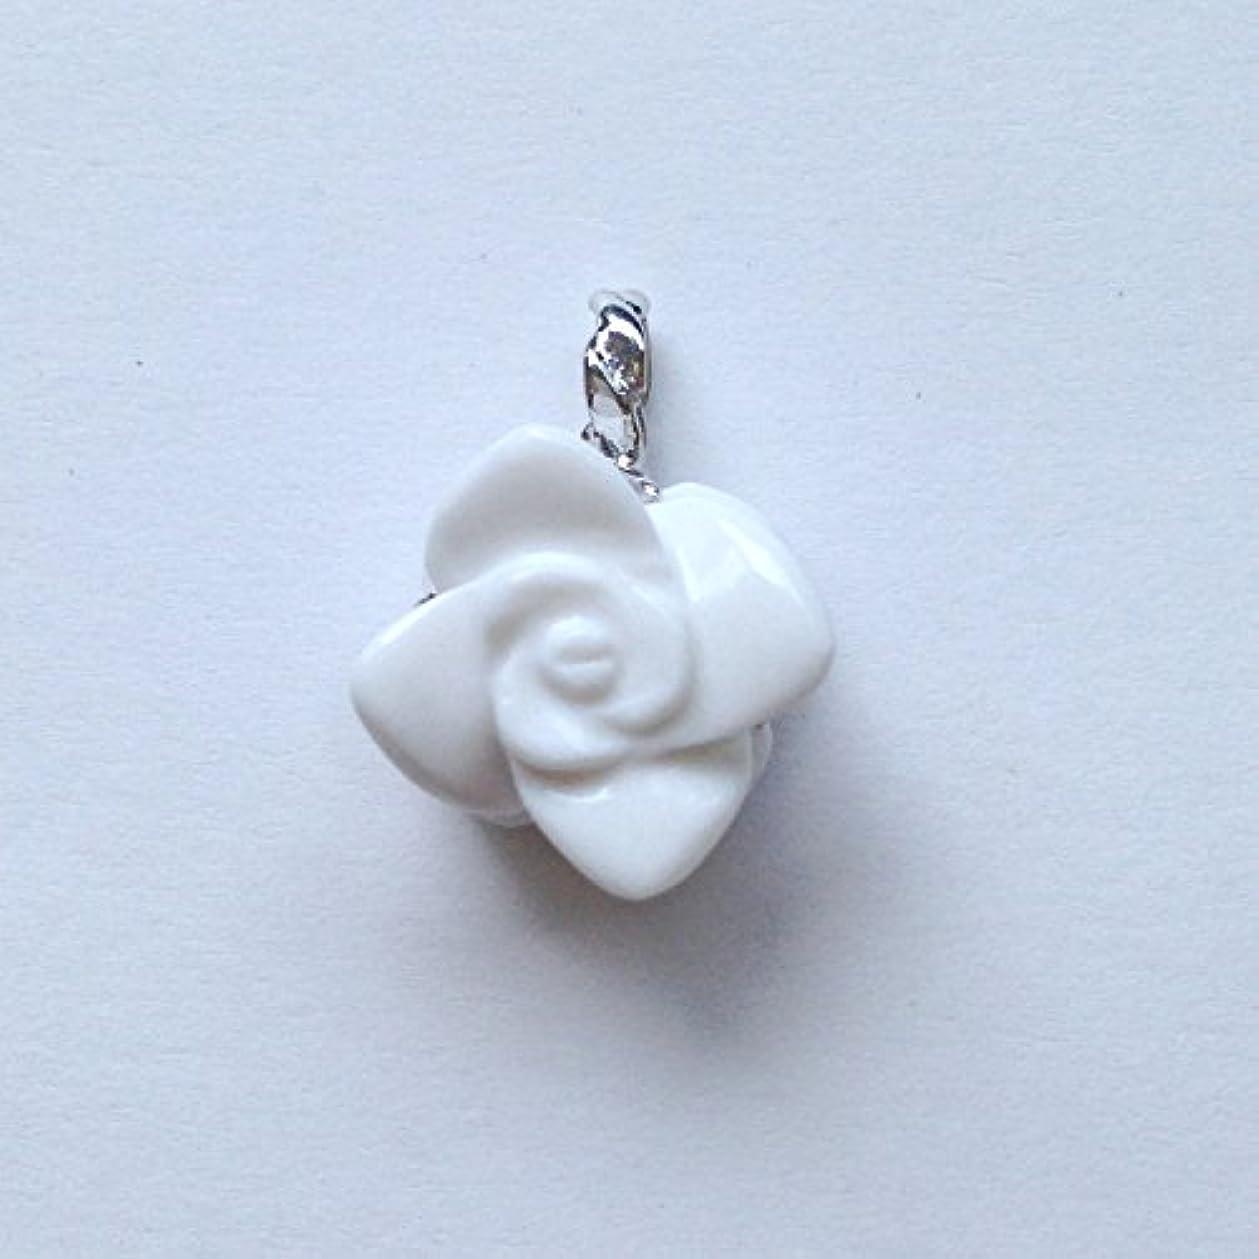 決定アクロバットハプニング香る宝石SVホワイトメノウペンダント通常¥26,800の所 (Ag925)